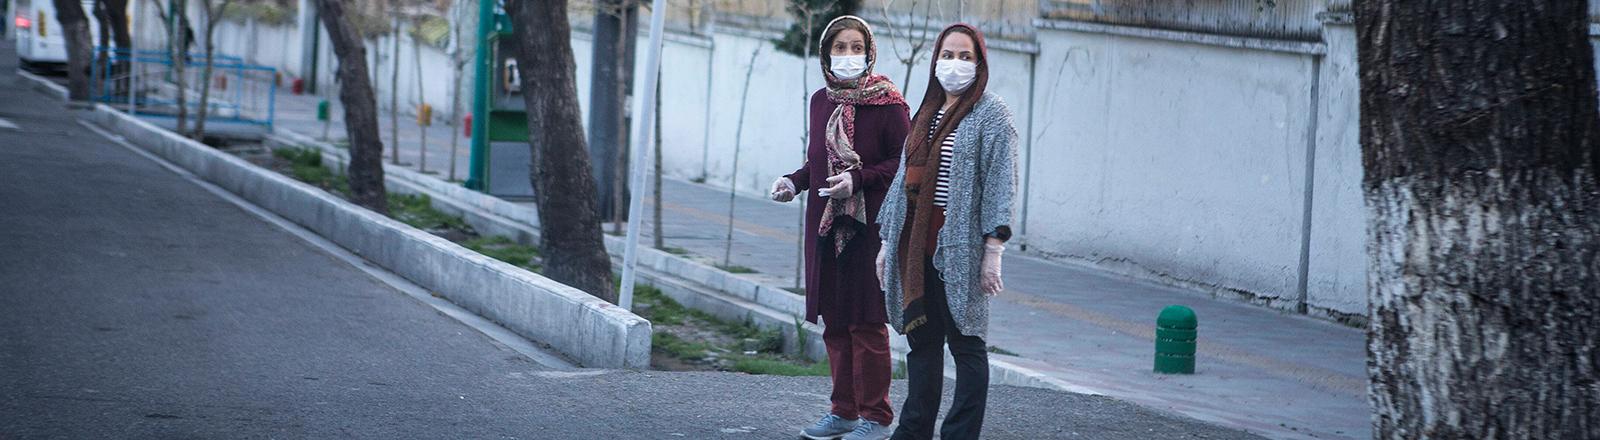 Zwei Frauen mit Mundschutz sind auf den menschenleeren Straßen in der Millionen-Stadt Teheran unterwegs (20.03.2020)